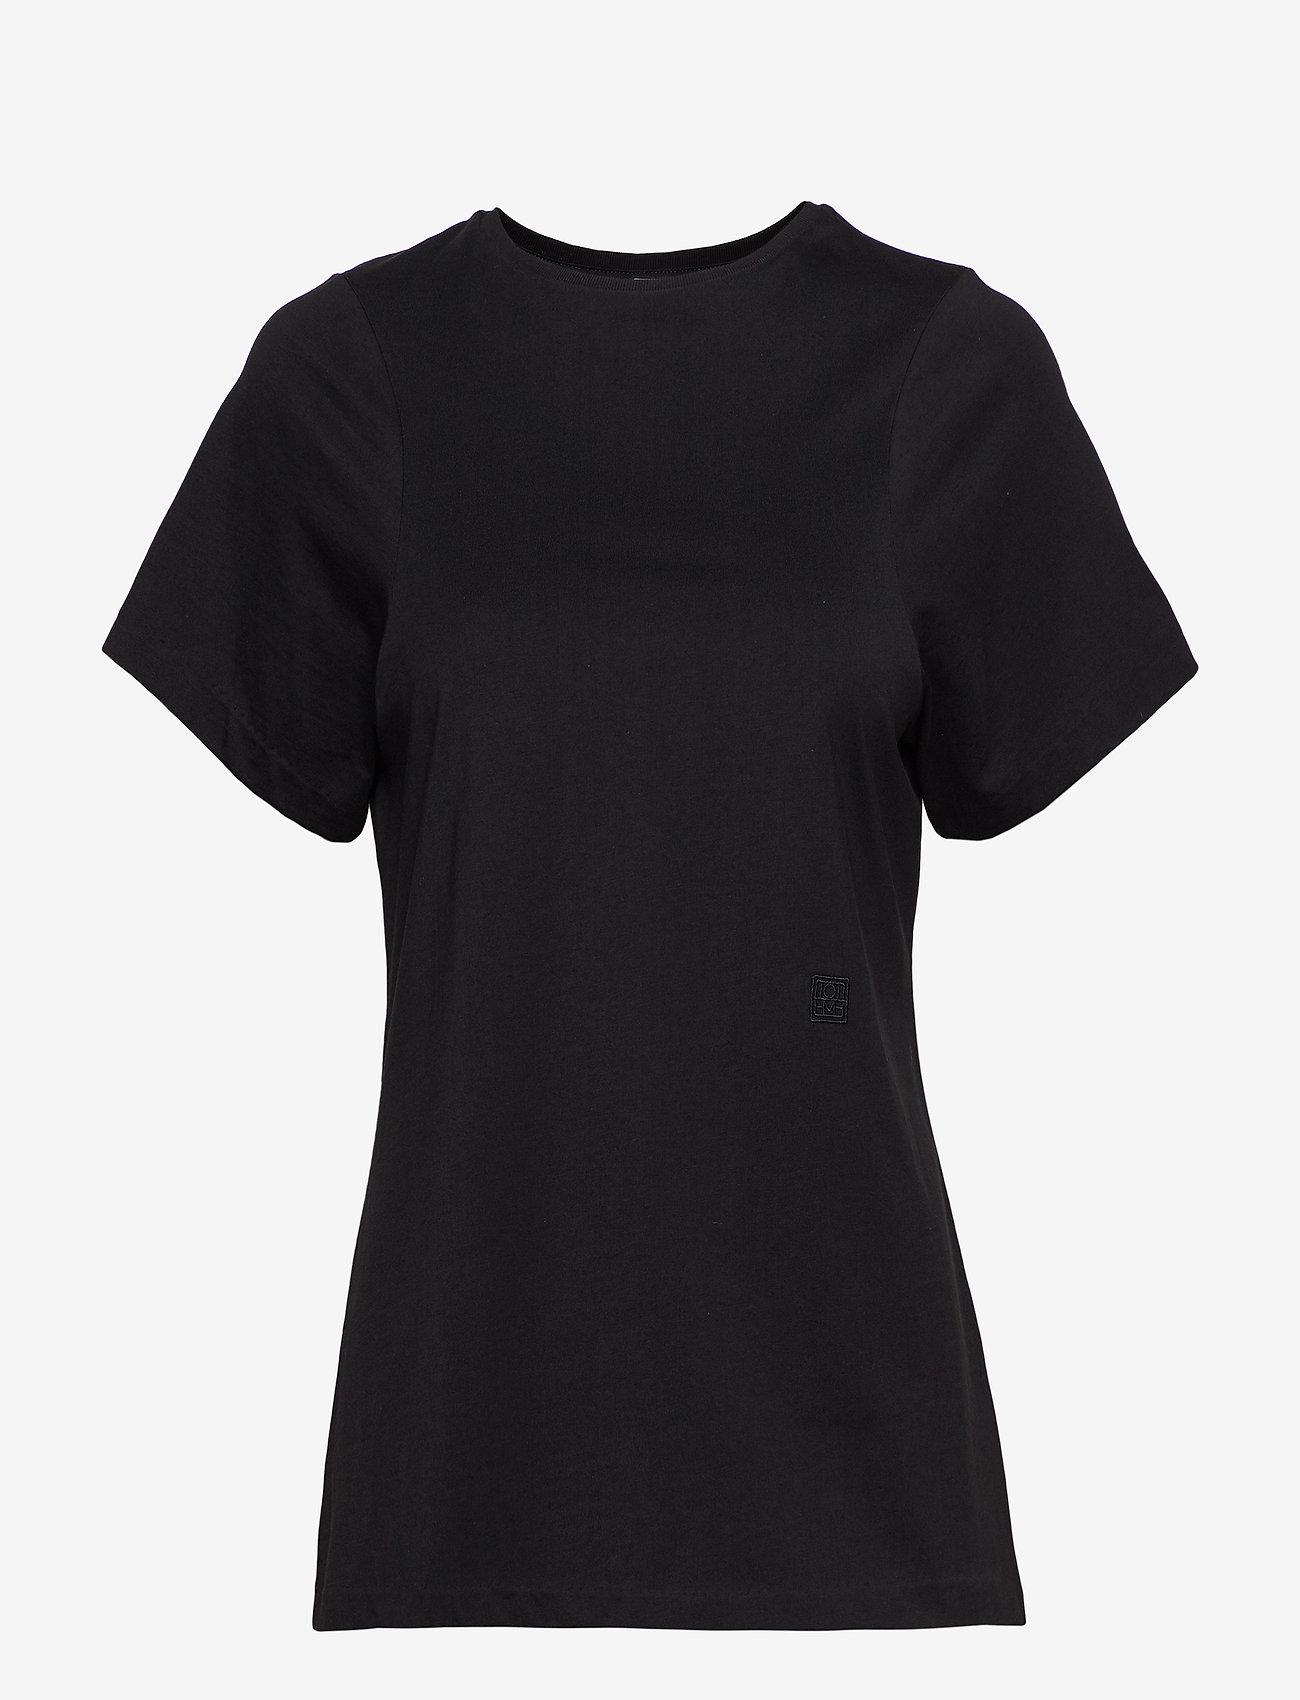 Totême - ESPERA - t-shirts - black 200 - 0